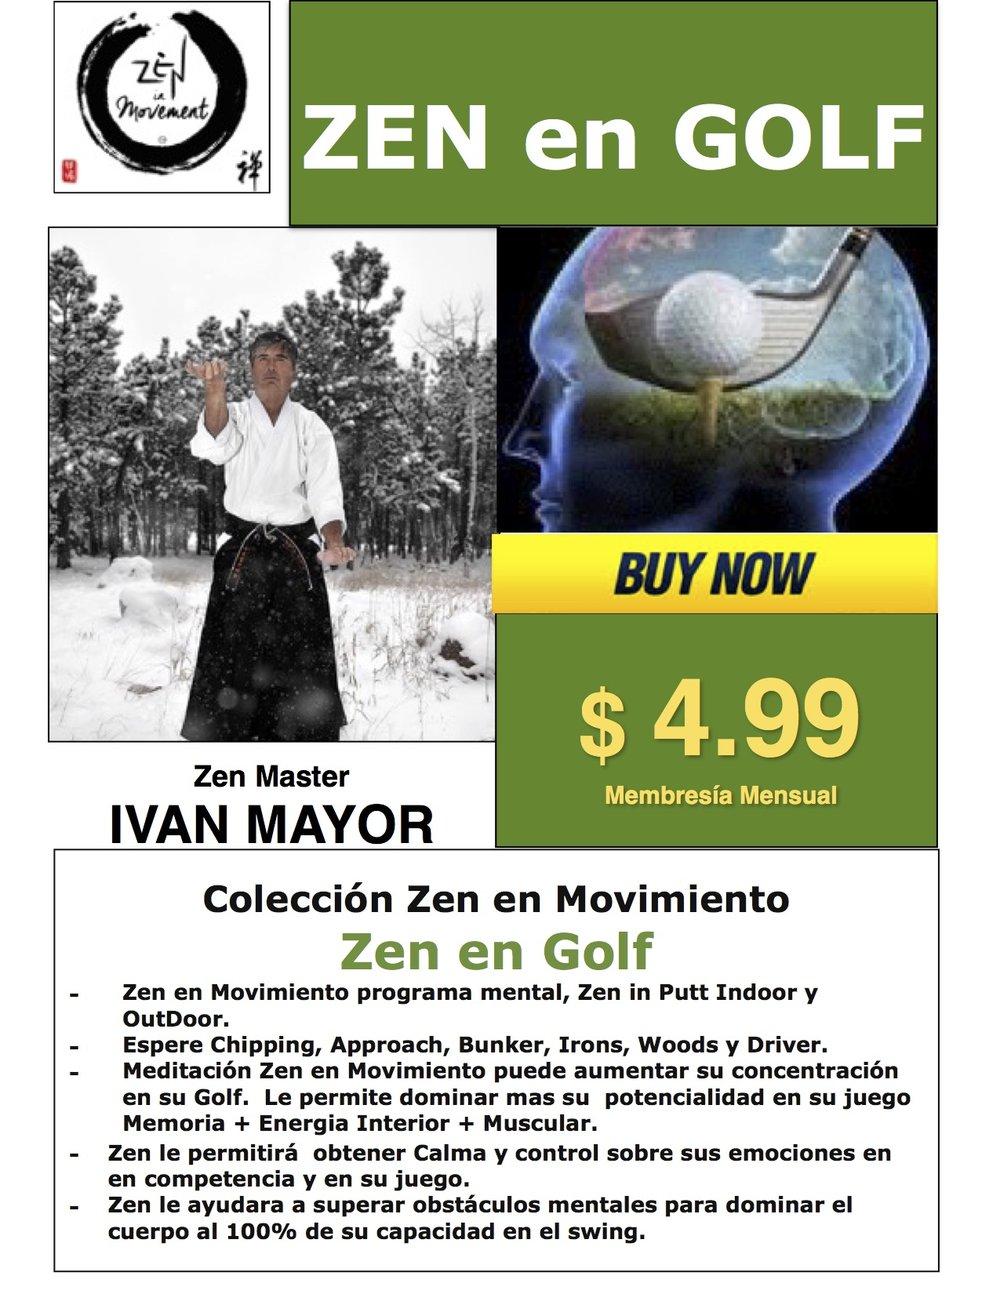 Zen Compre por 4,99.jpg